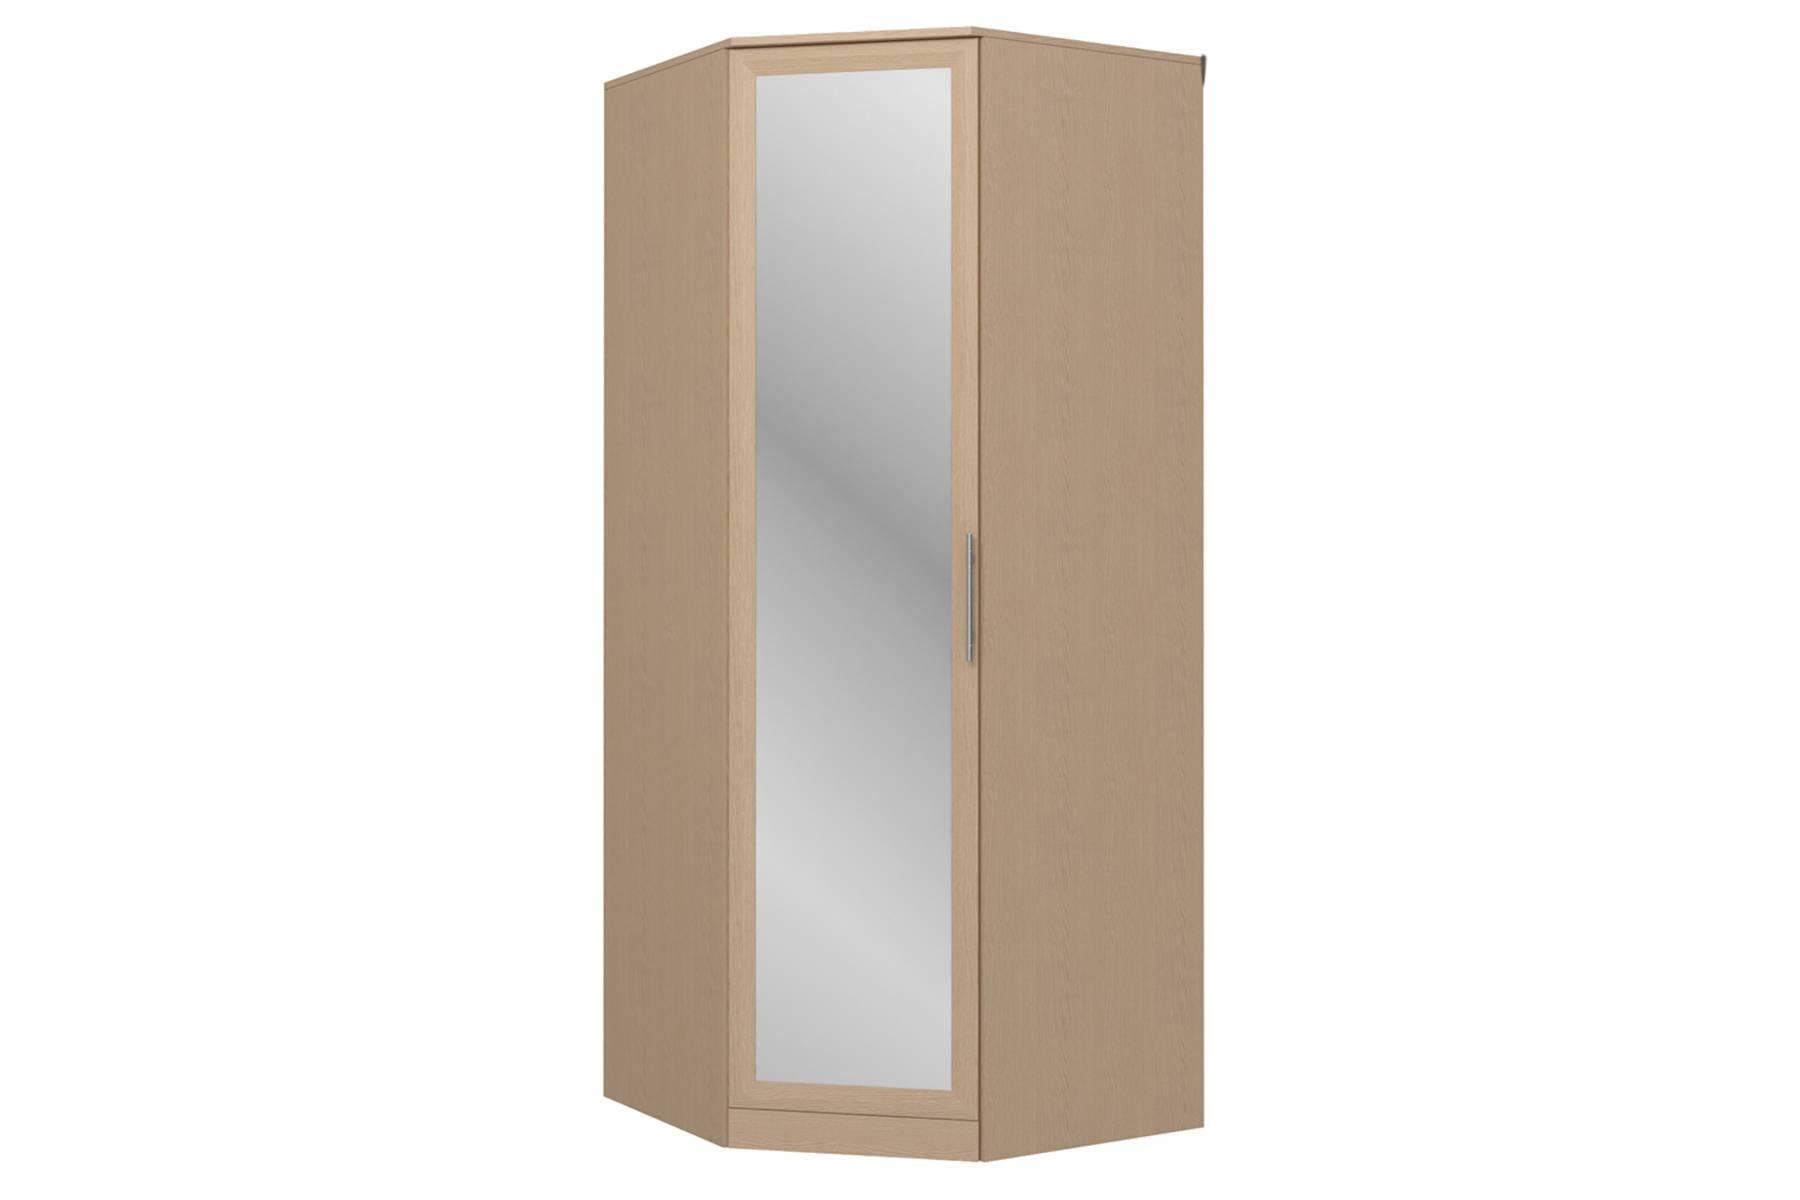 Шкаф угловой с зеркалом Юлианна СБ.Н-101-01М дозиметры и экотестеры soeks дозиметр 01м прайм индикатор радиоактивности